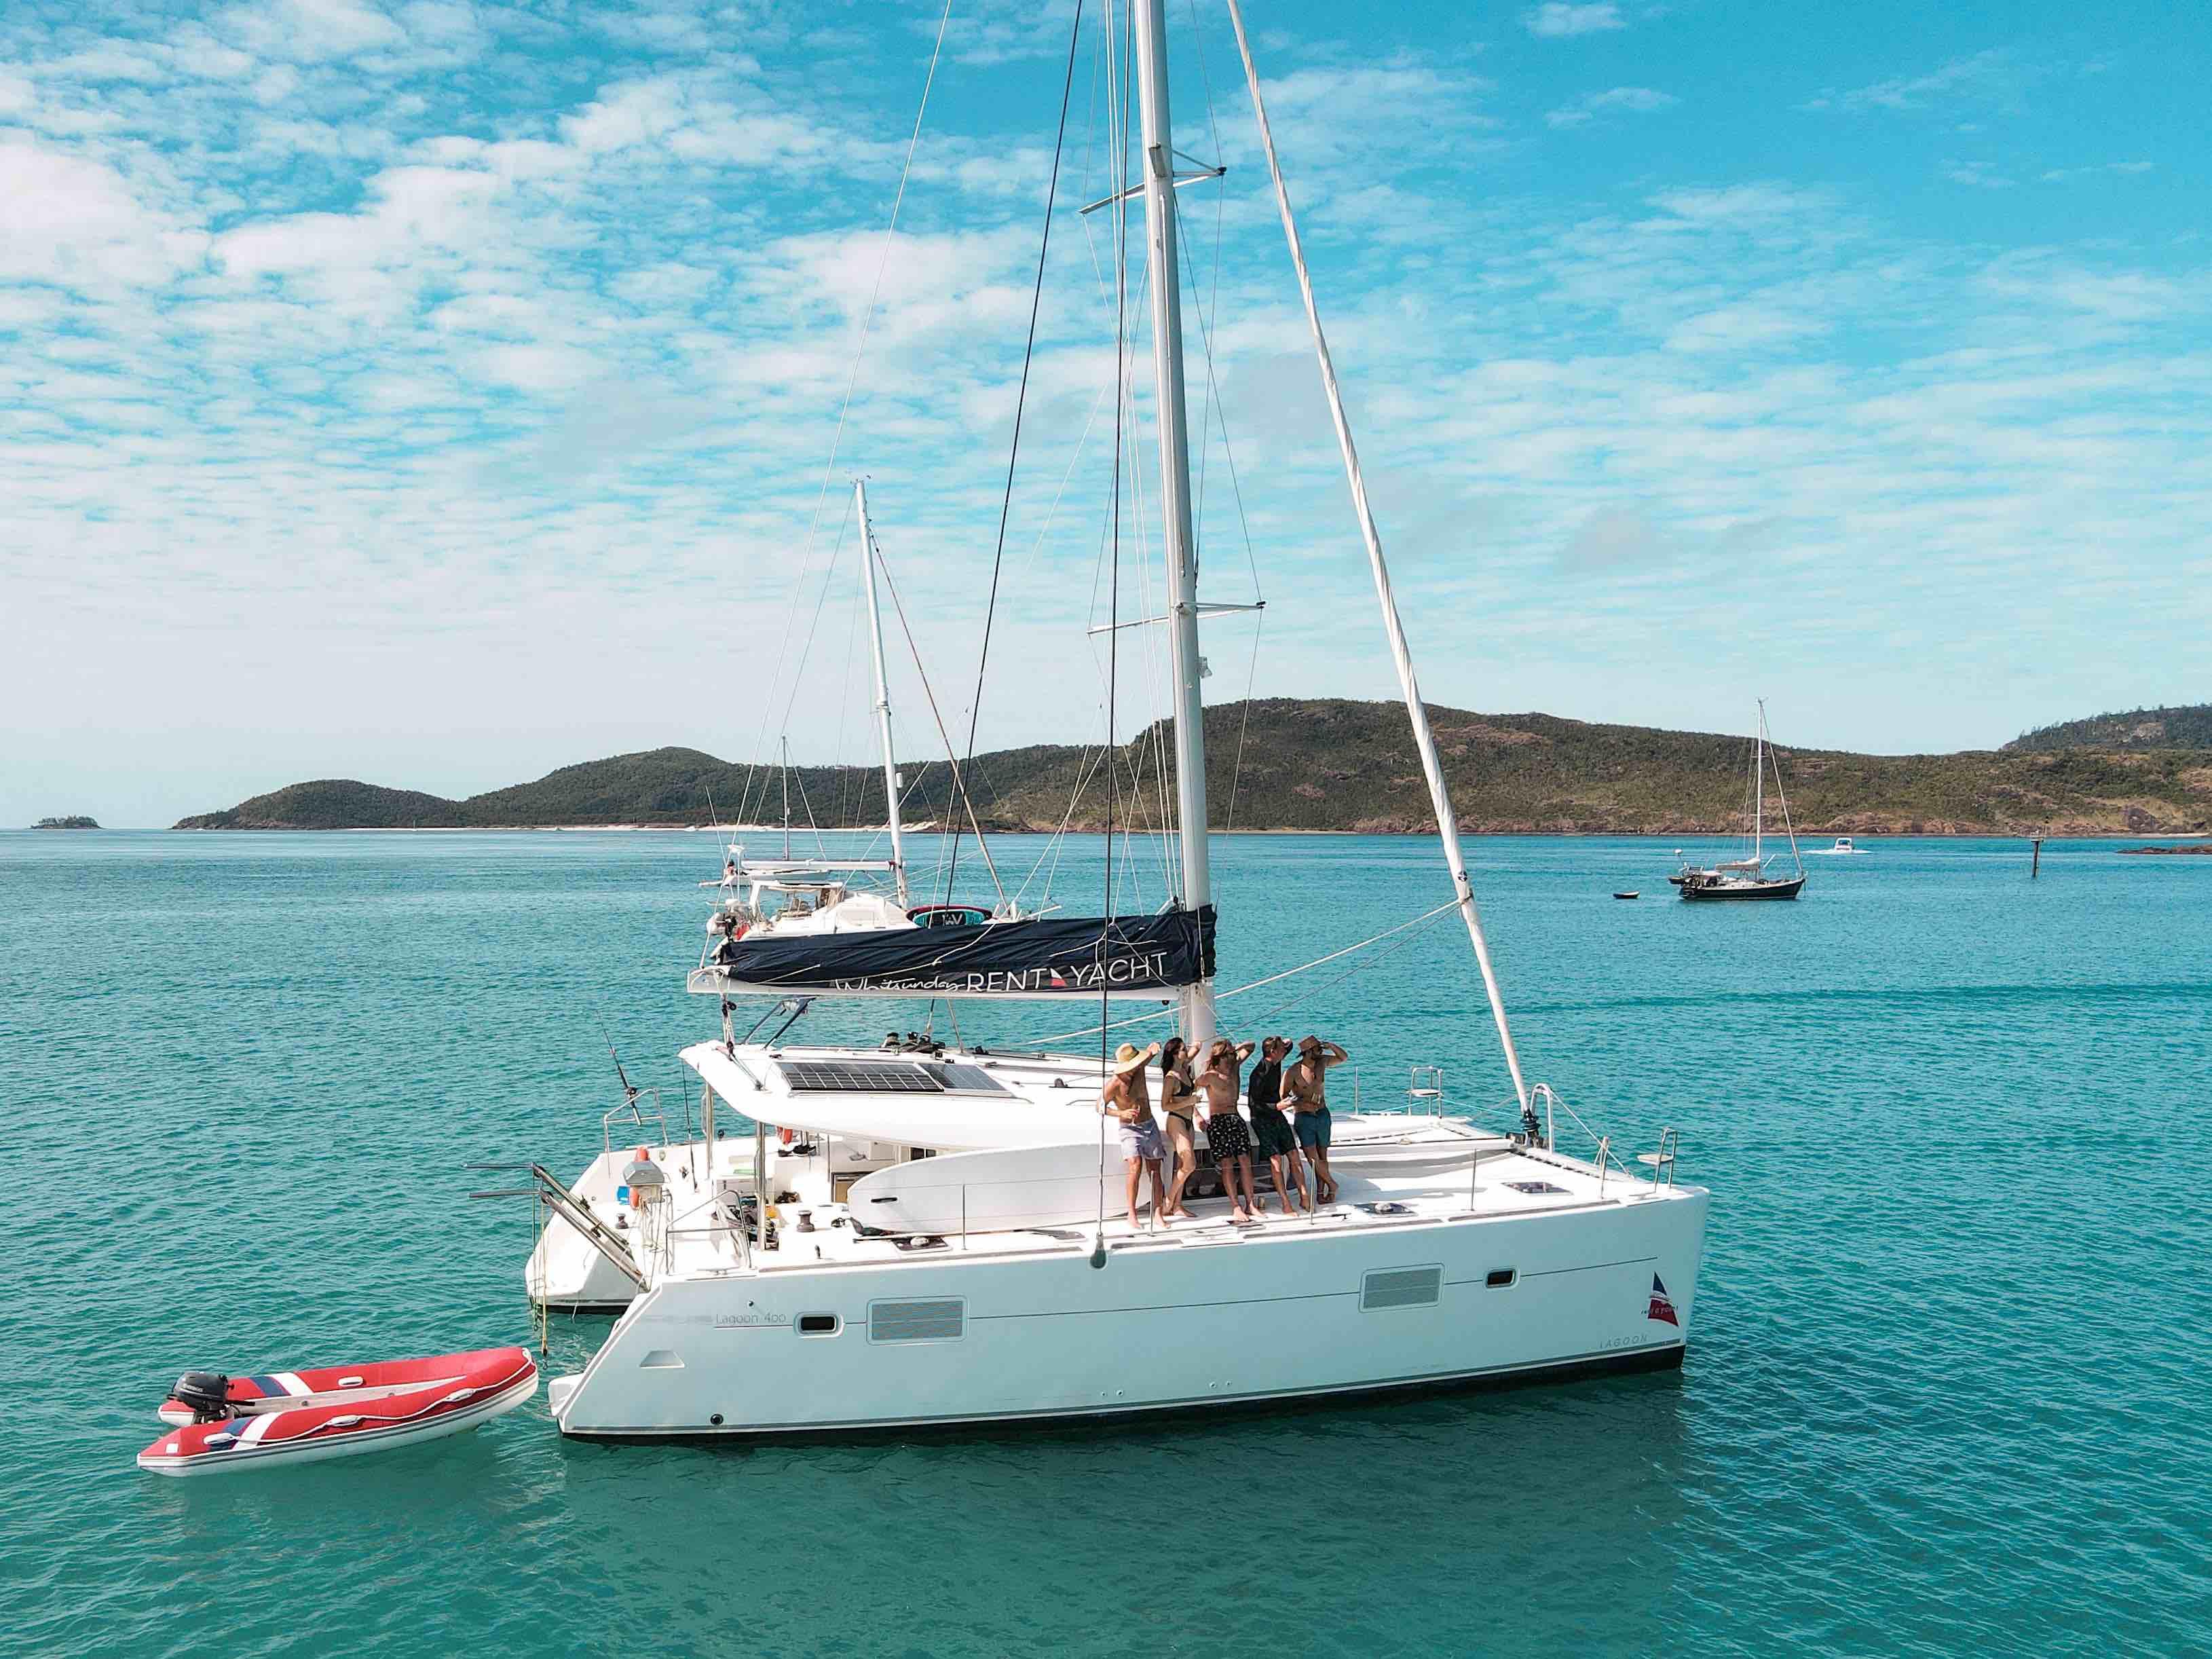 Sailing the Whitsundays with mates